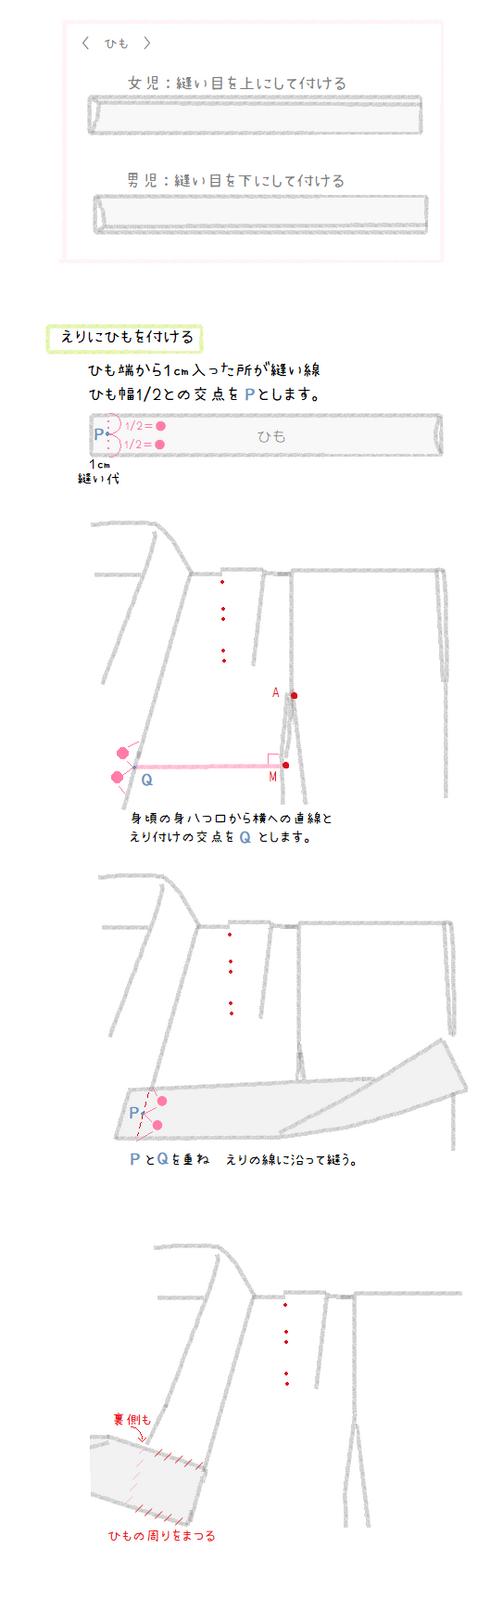 Himituke_2